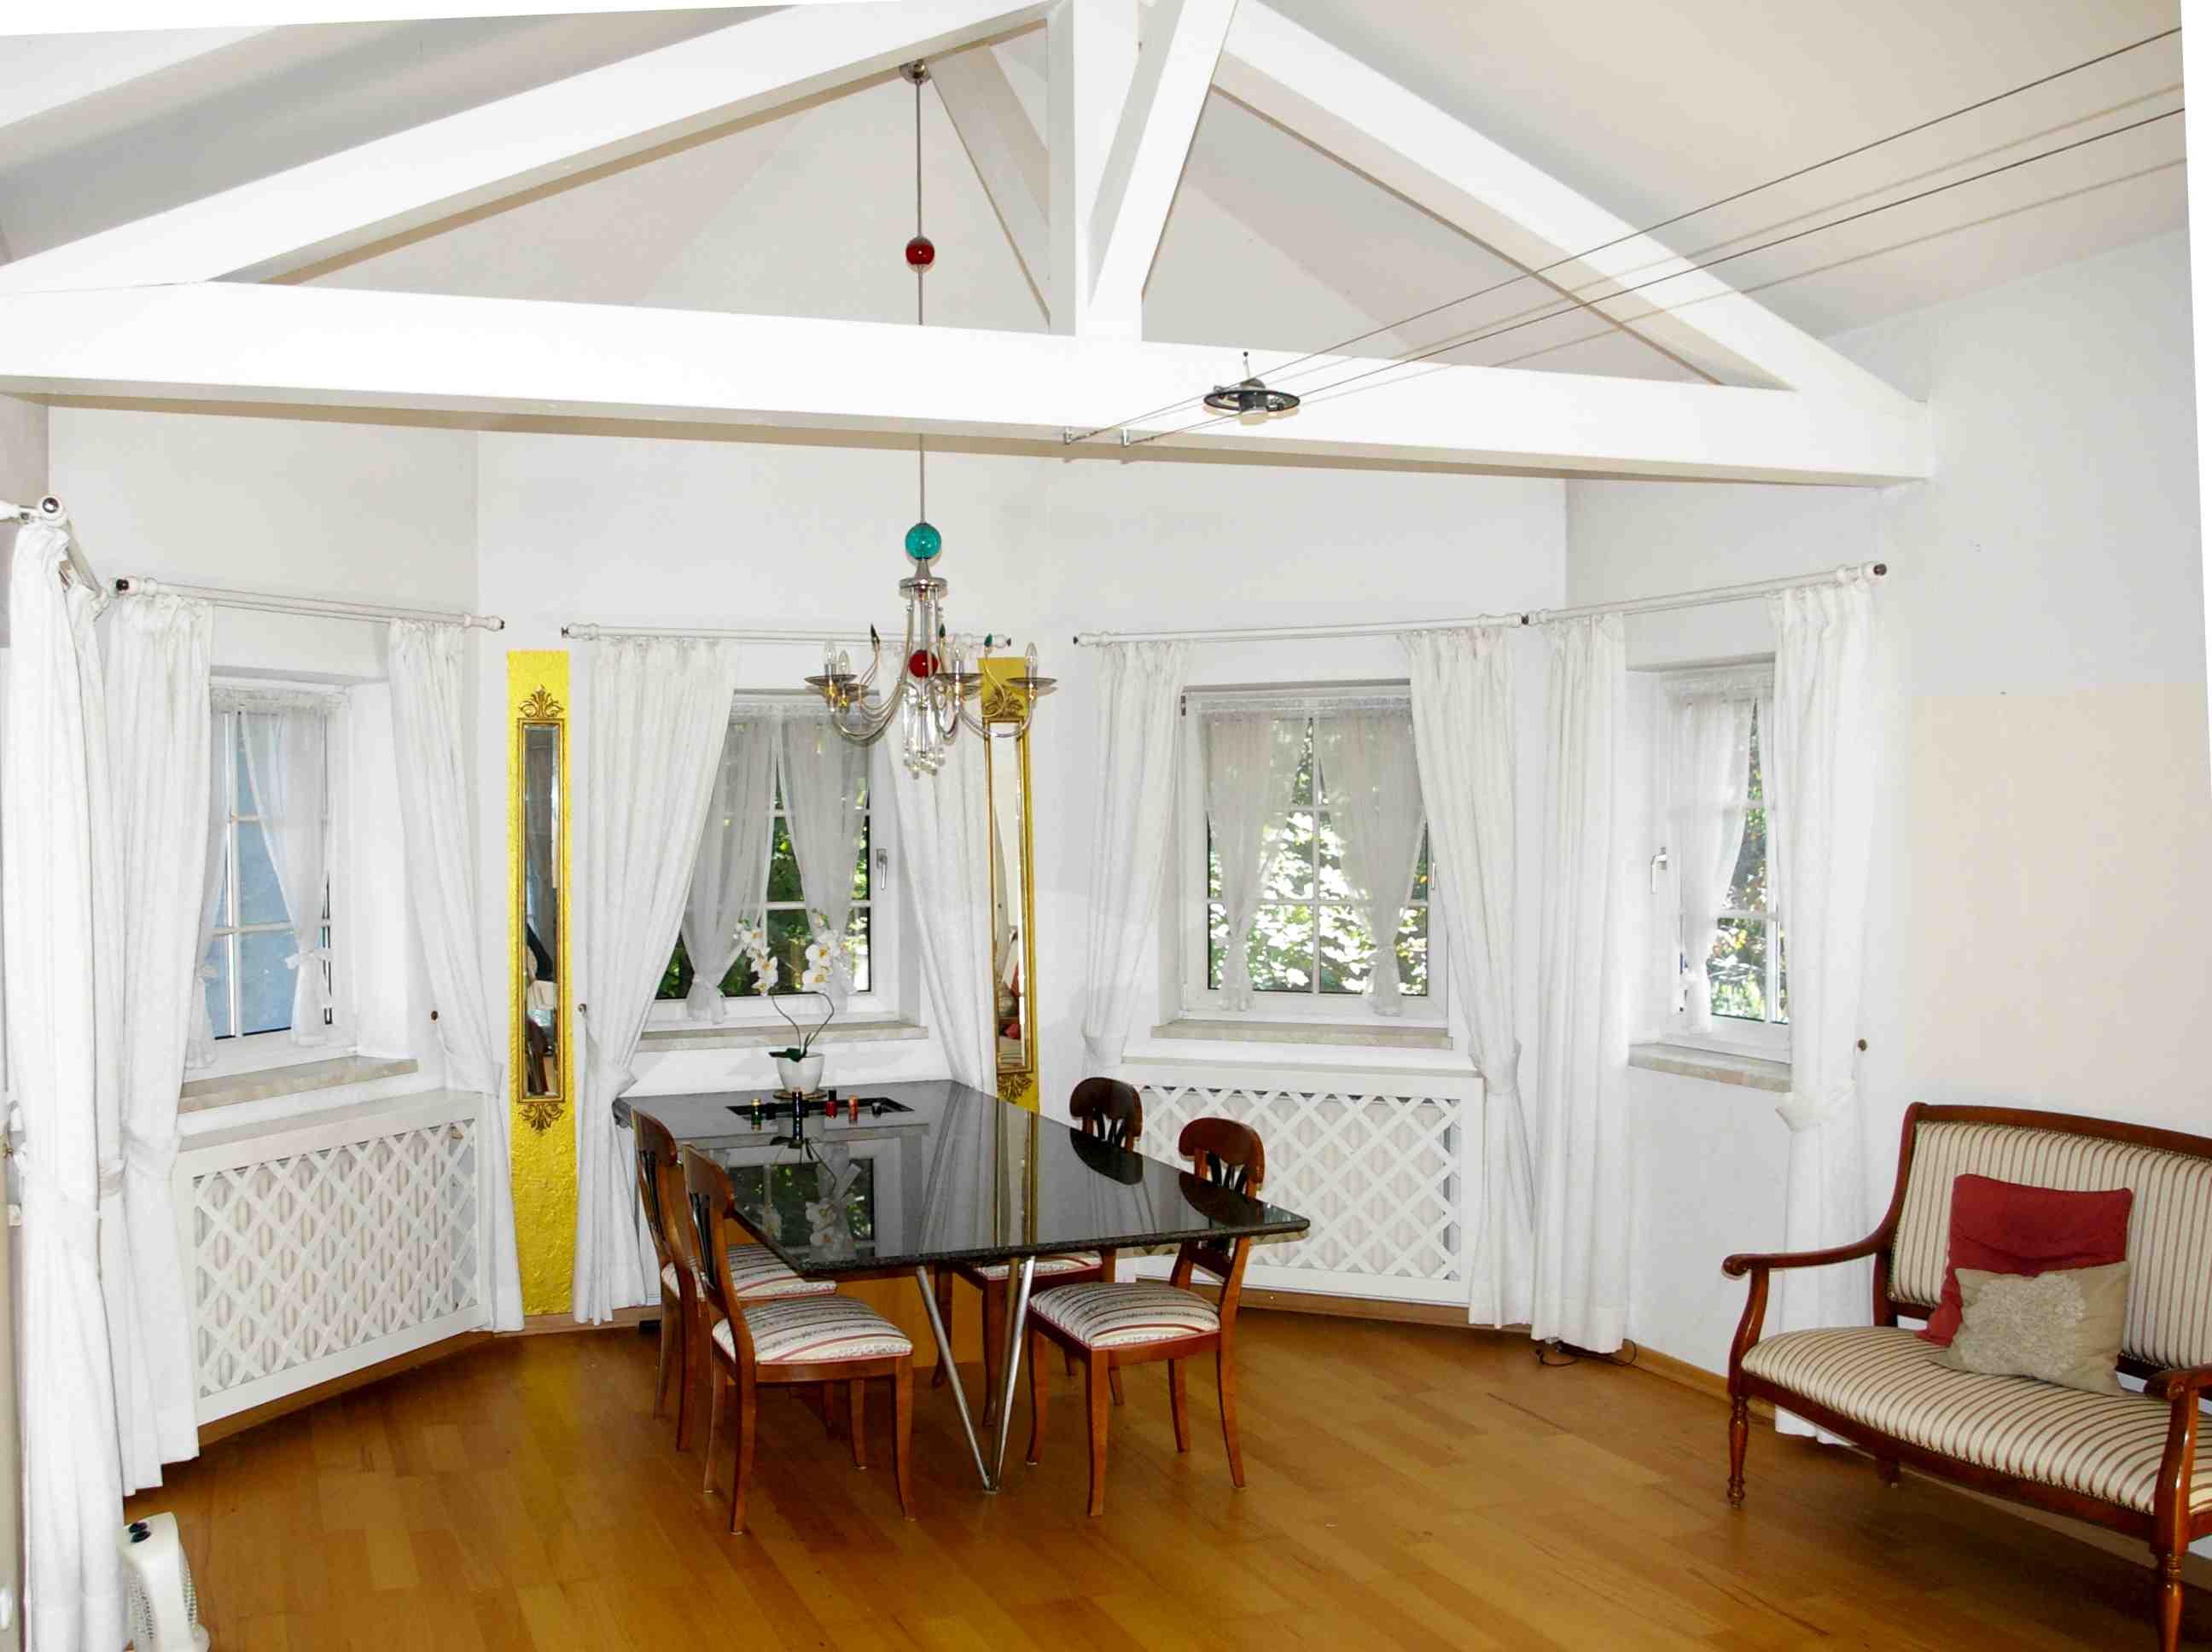 Zimmer Wohnung Hallein Umgebung Architekten Residenz Mit Einliegerwohnung Lumpi Immobilien Salzburg